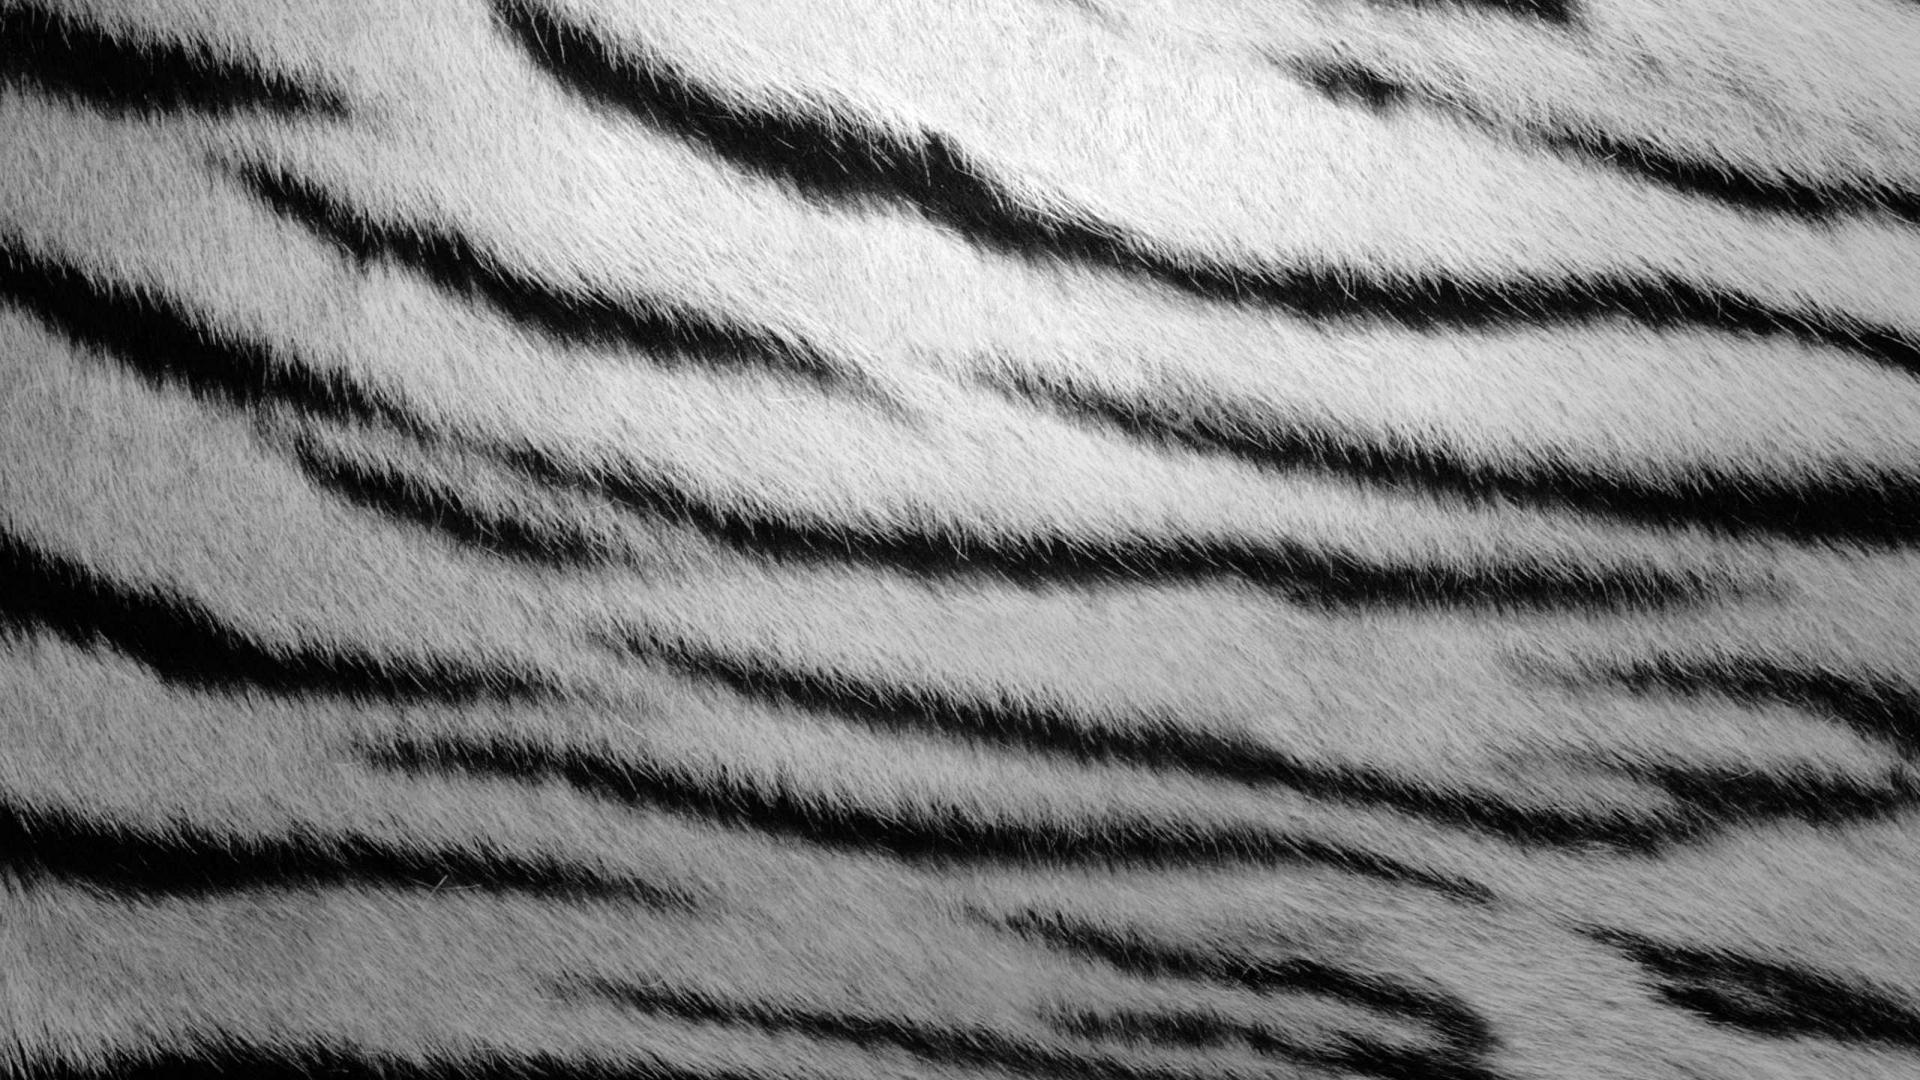 textura de piel de cebra 1152x864 1560 jpg Car Pictures